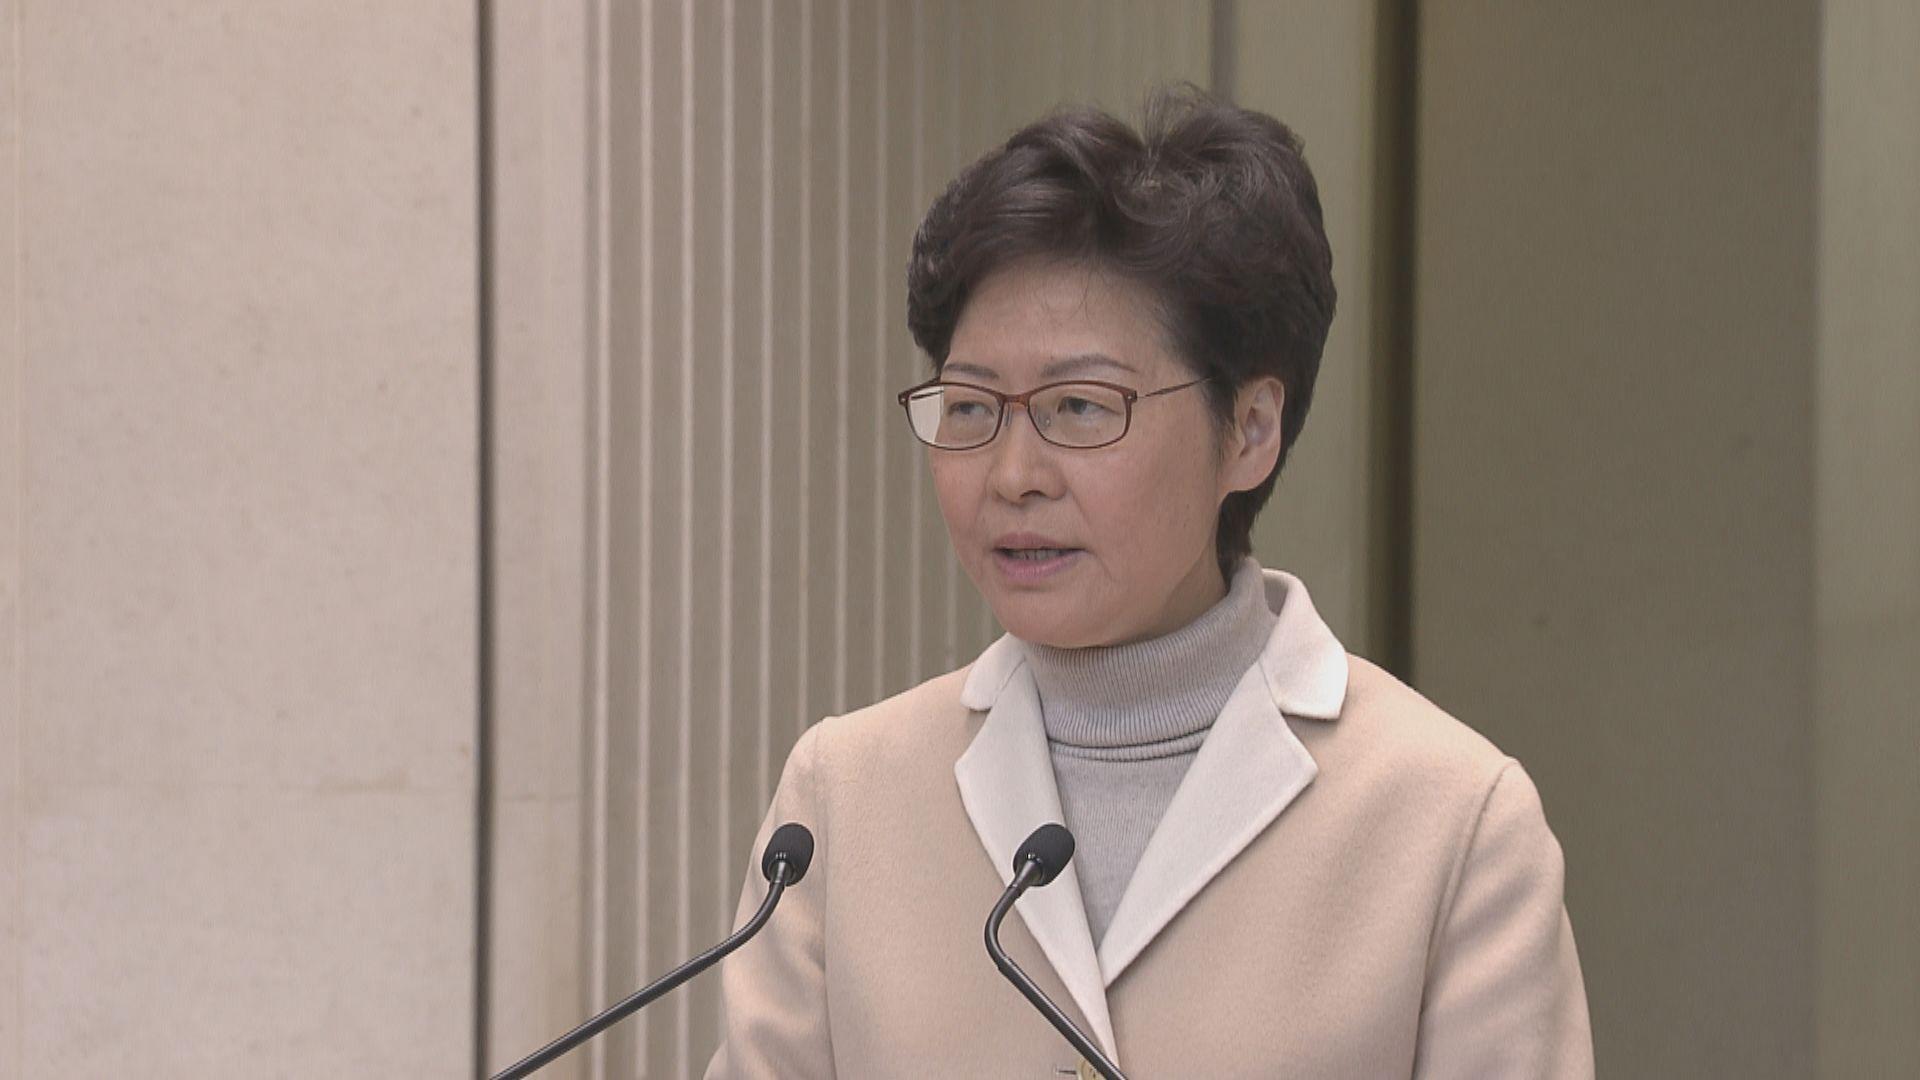 【最新】林鄭:反修例運動被捕中學生涉及三百多間中學